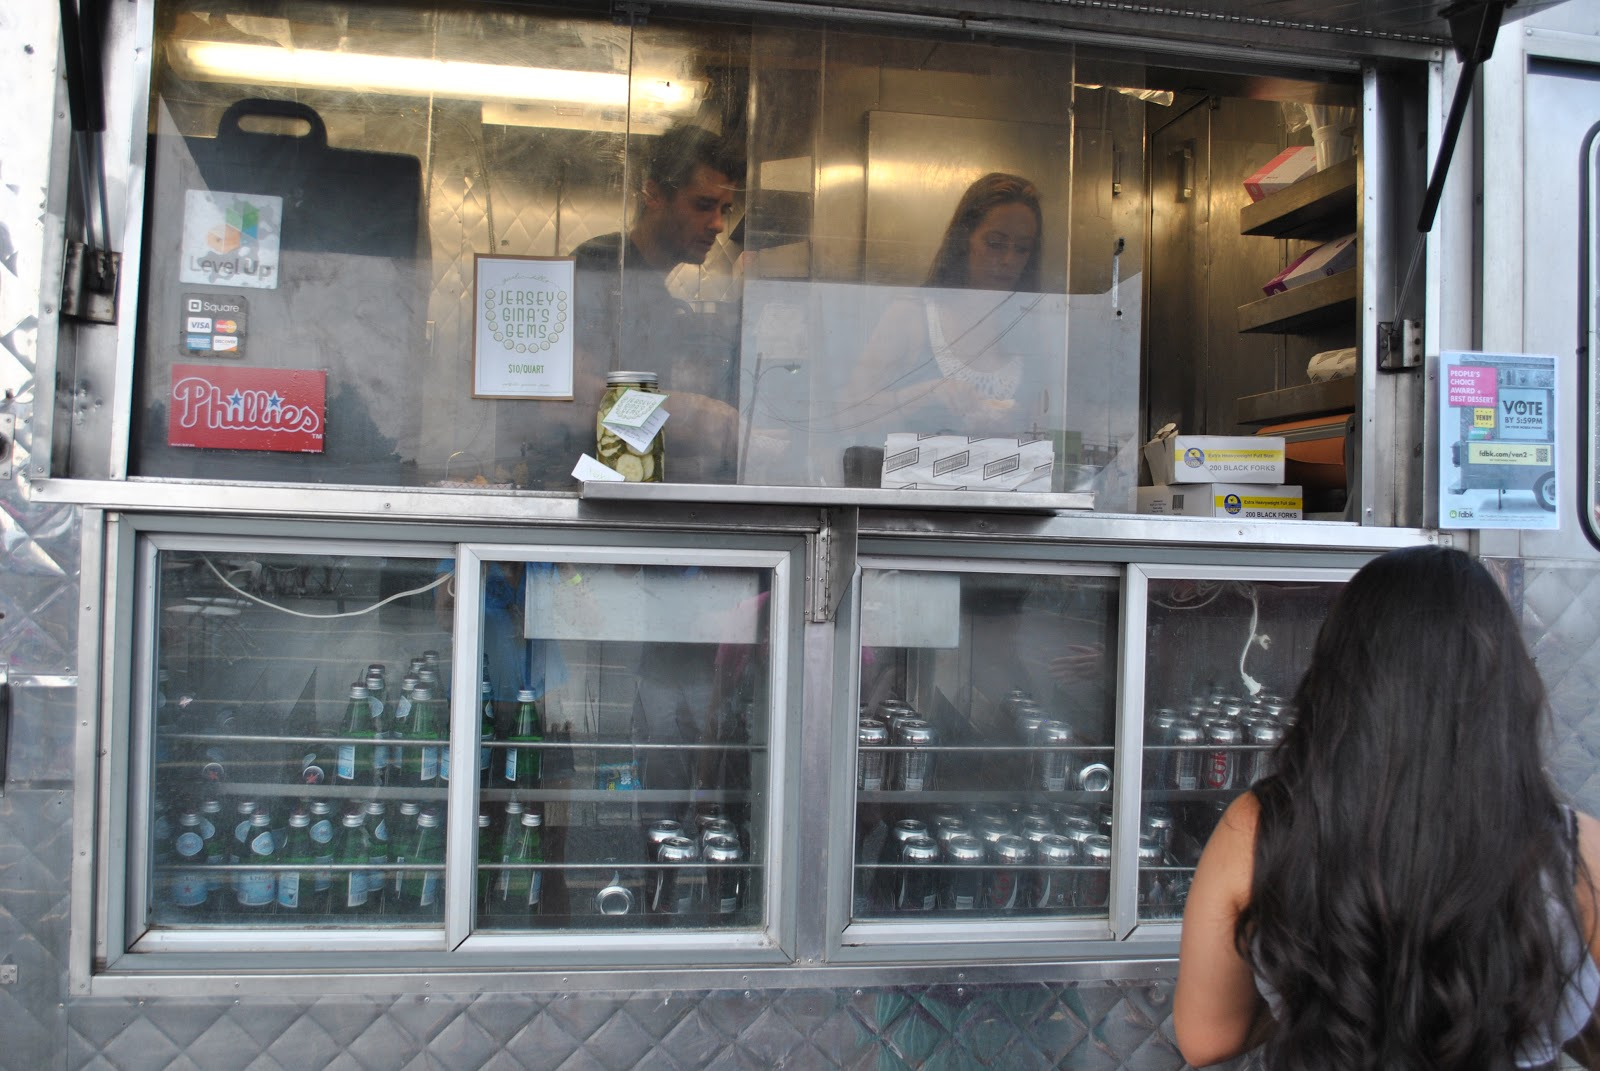 Crave Food Truck Menu